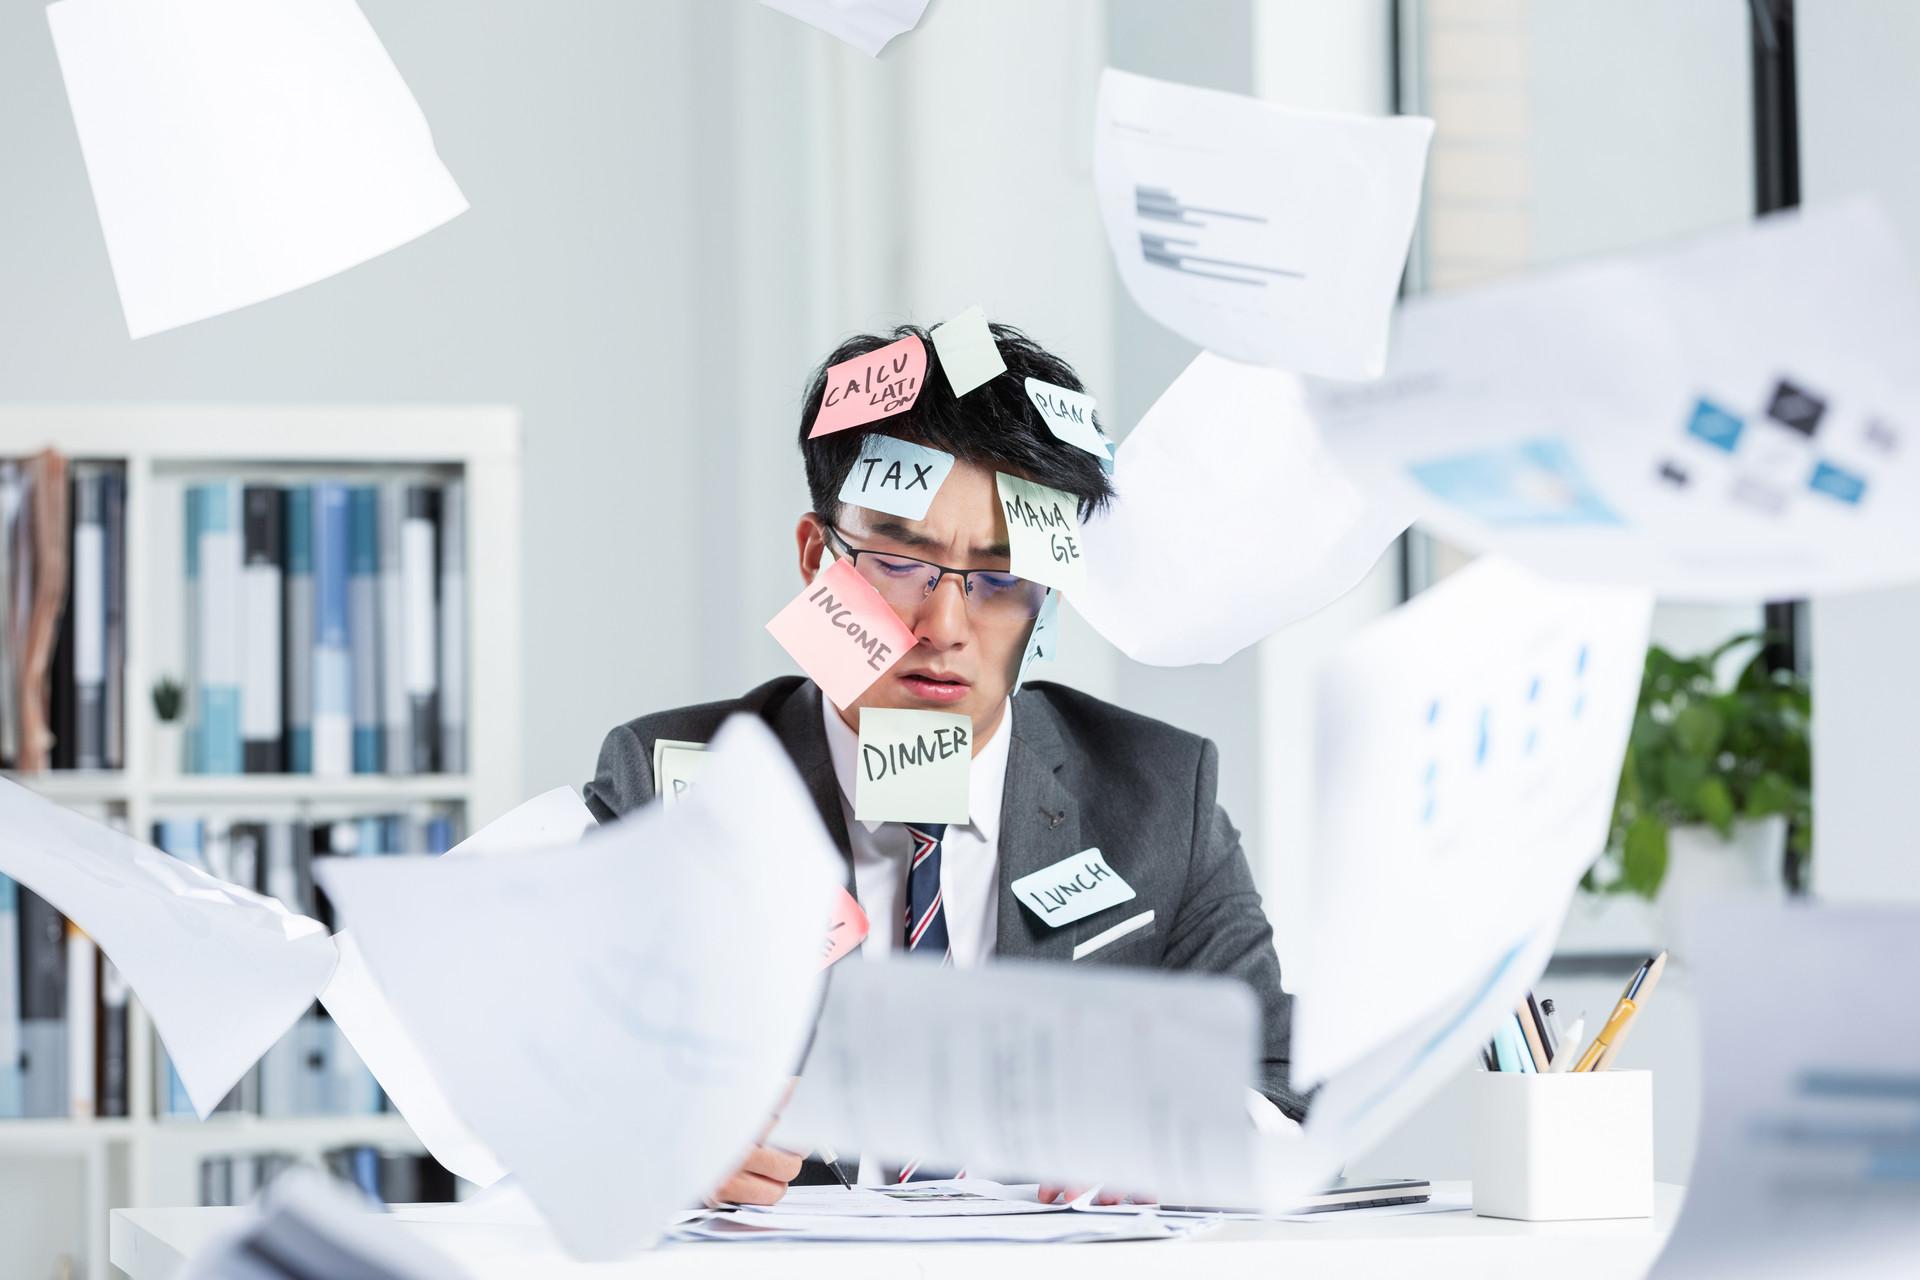 薪资代发客户关注的问题比你认为重要的问题更重要